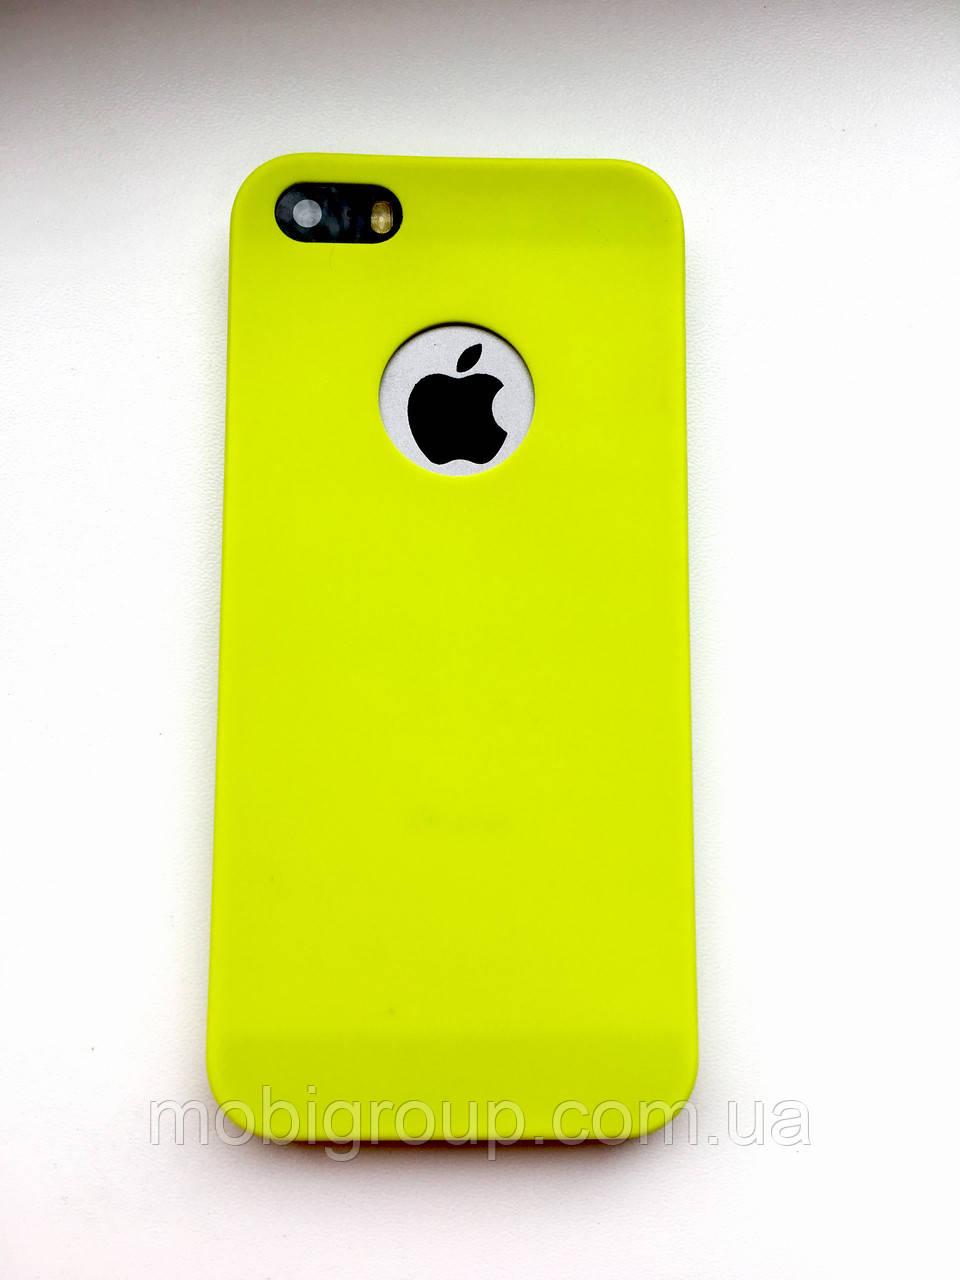 Чехол силиконовый Soft Touch для iPhone SE/5S/5